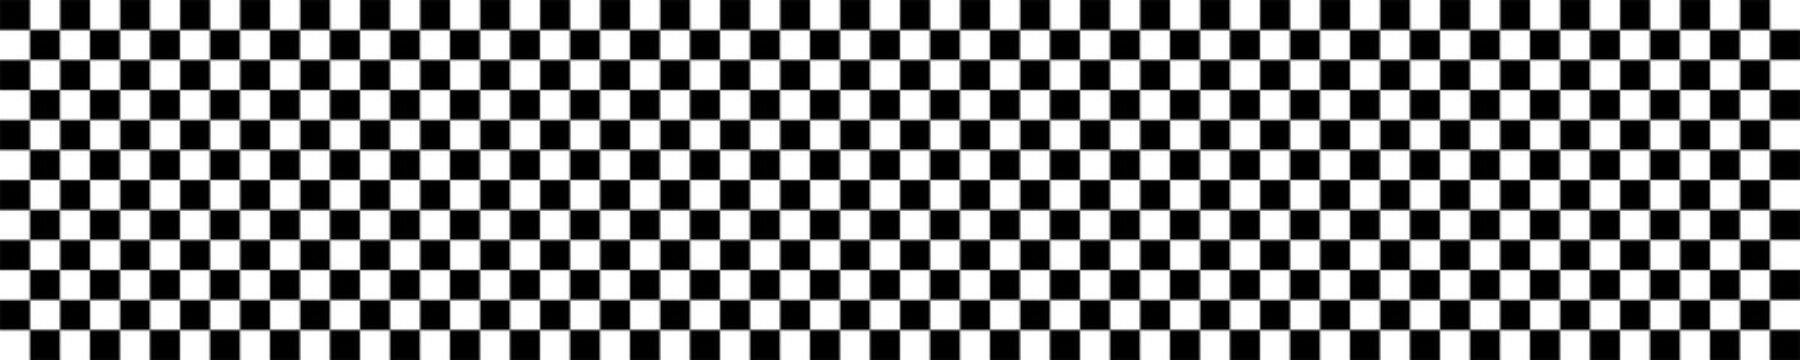 Banner: Karomuster schwarz weiß